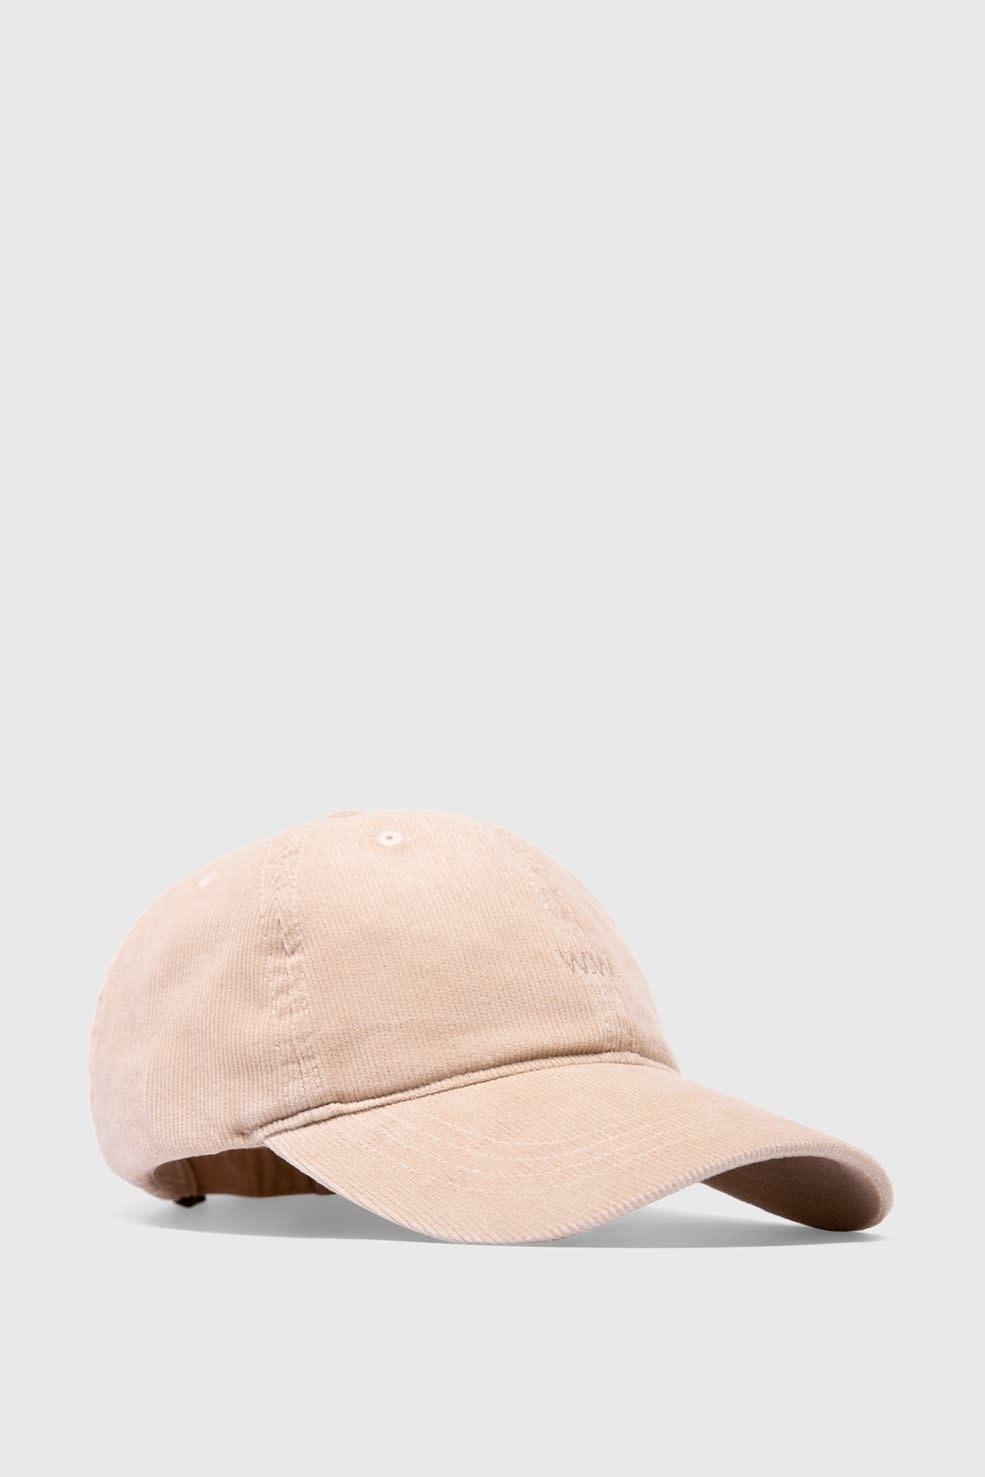 12w Low Profile Cap Cord Off White-1